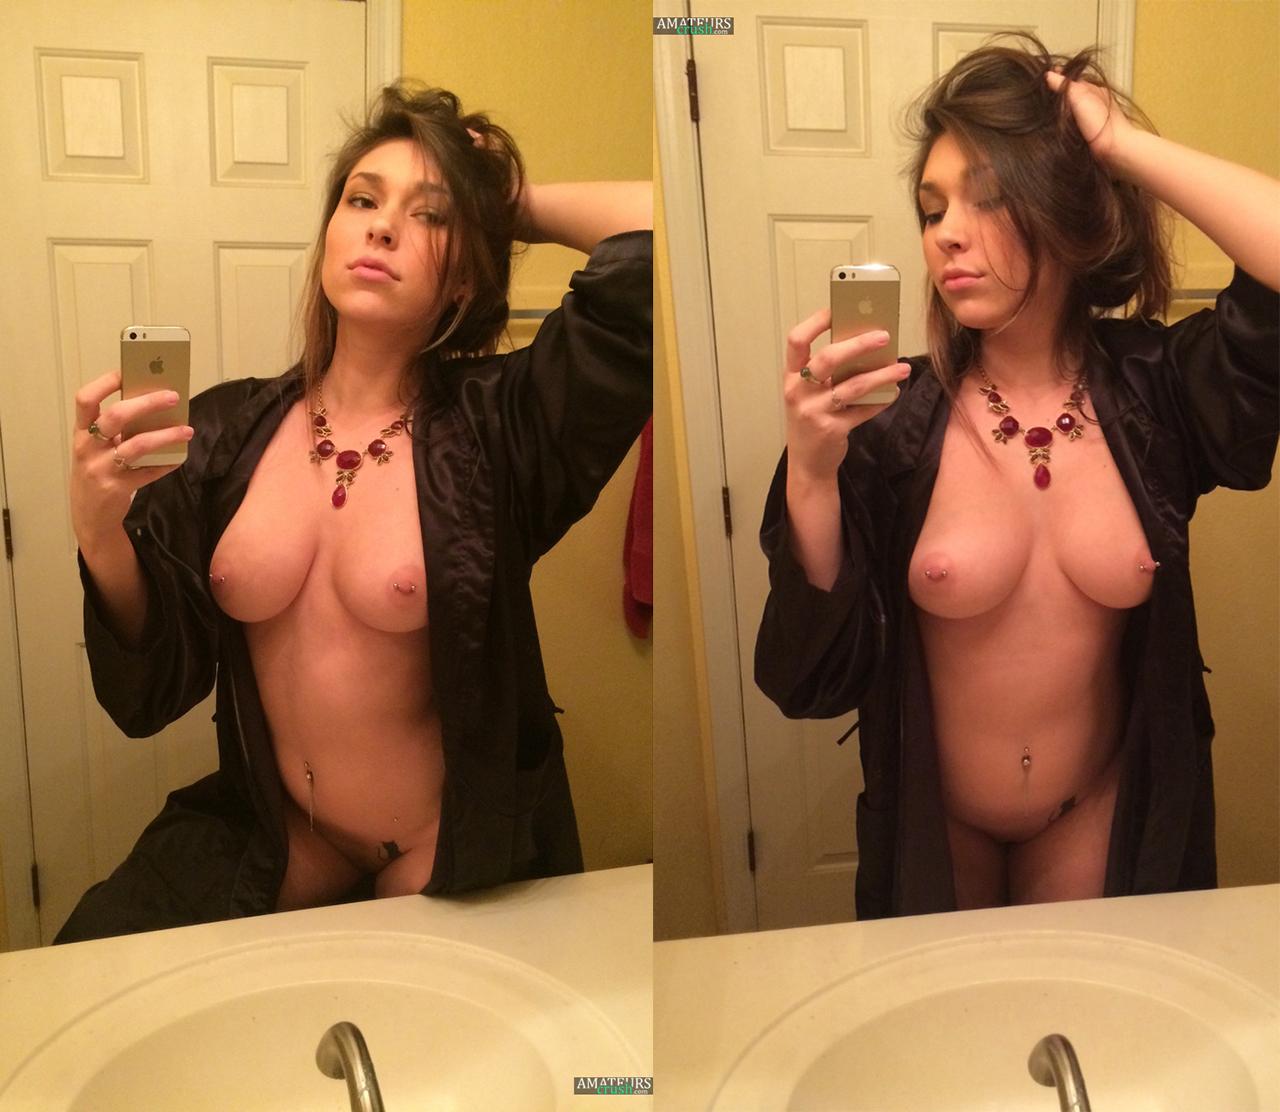 tumblr big tits in public